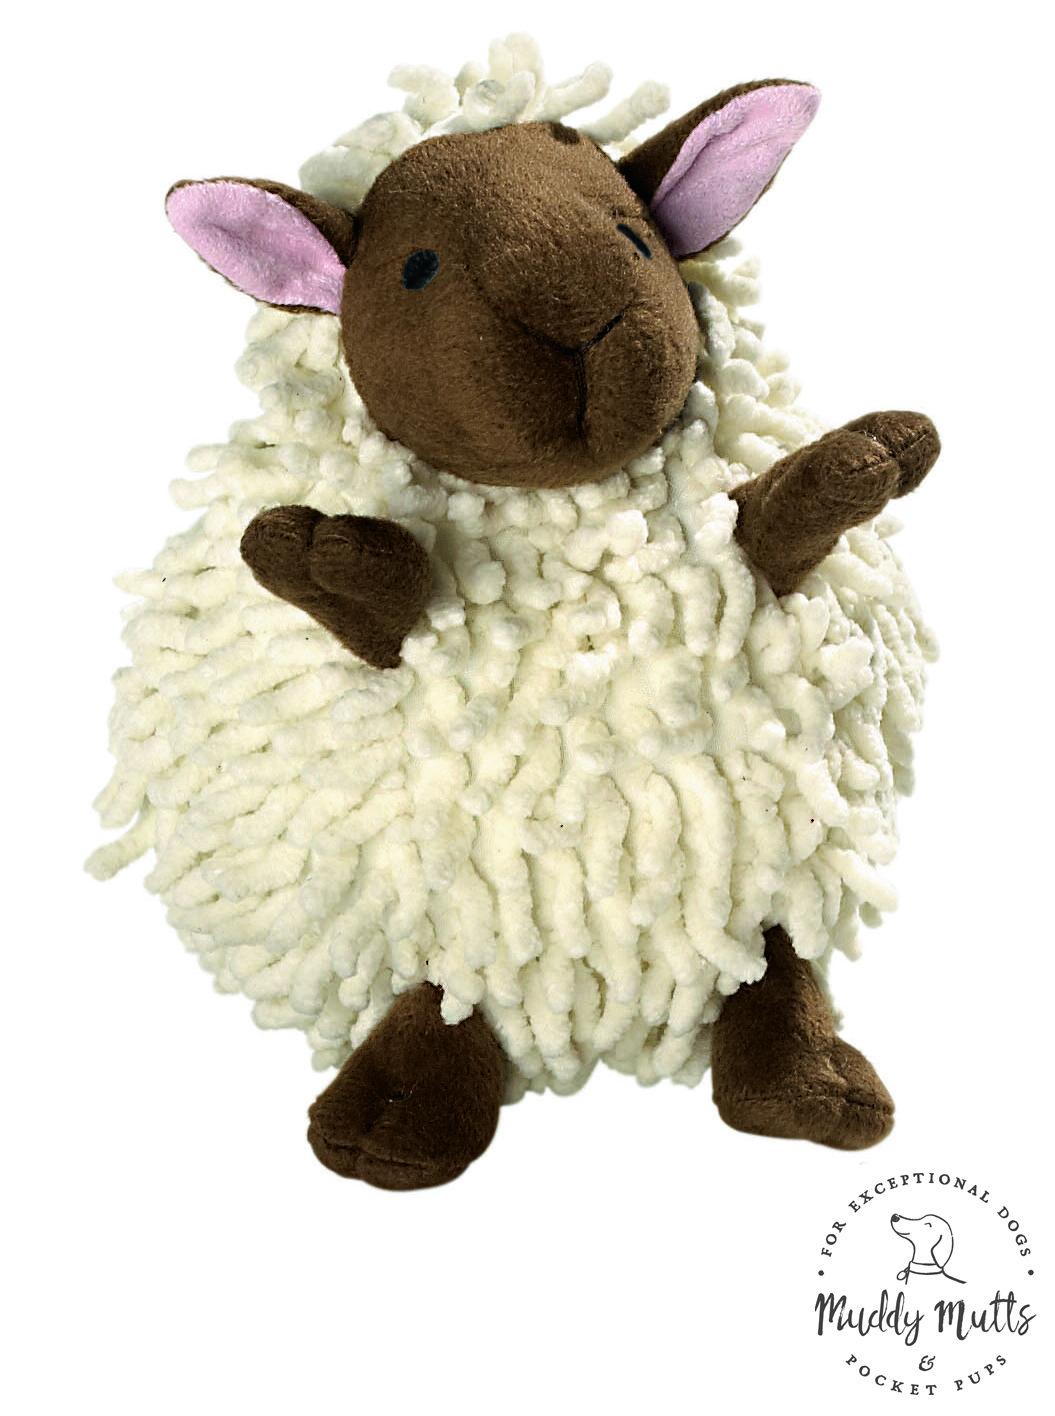 Snugly Sheep Dog Toy Best dog toys, Dog toys, Plush dog toys